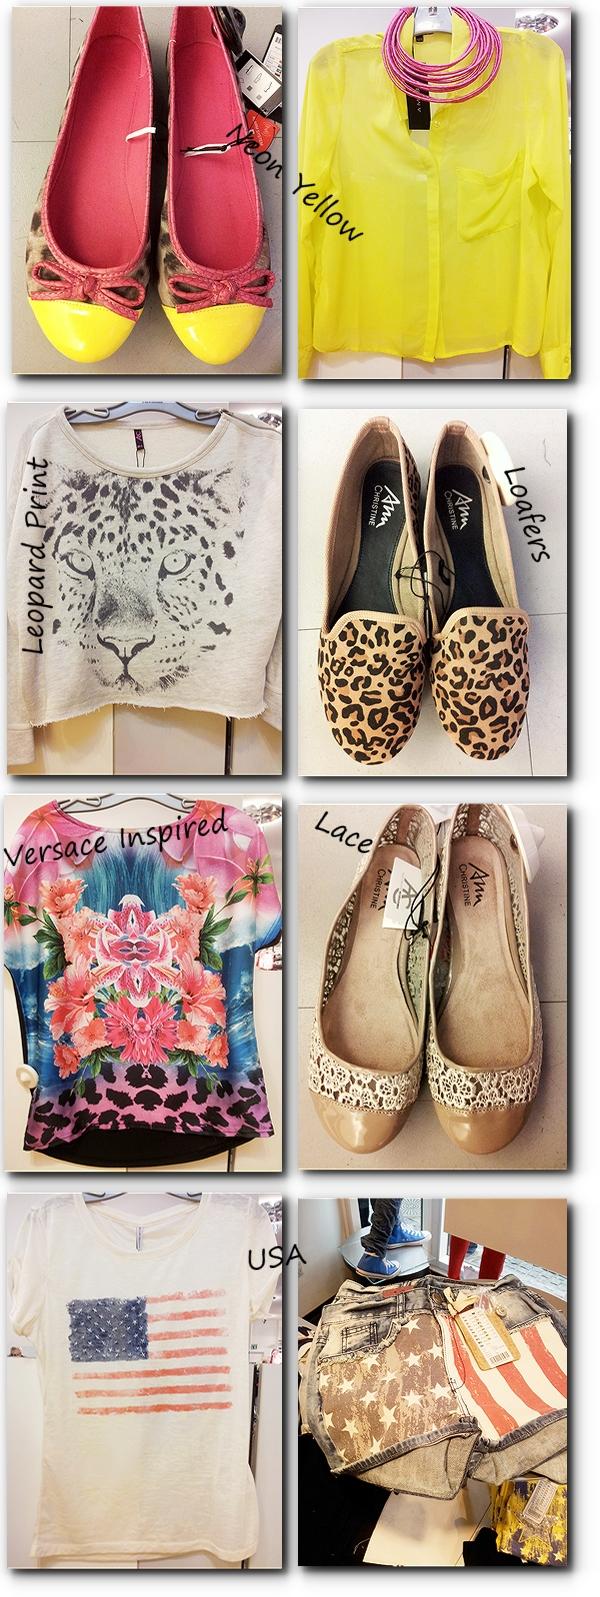 newyorker, Versace Inspired print, lace flats, blonde ballarinaer, neon gul skjorte, neon yellow shirt, leopard print sweatshirt, leopard loafers, neon gul leopard ballarinaer, usa t-shirt, usa shorts, new yorker